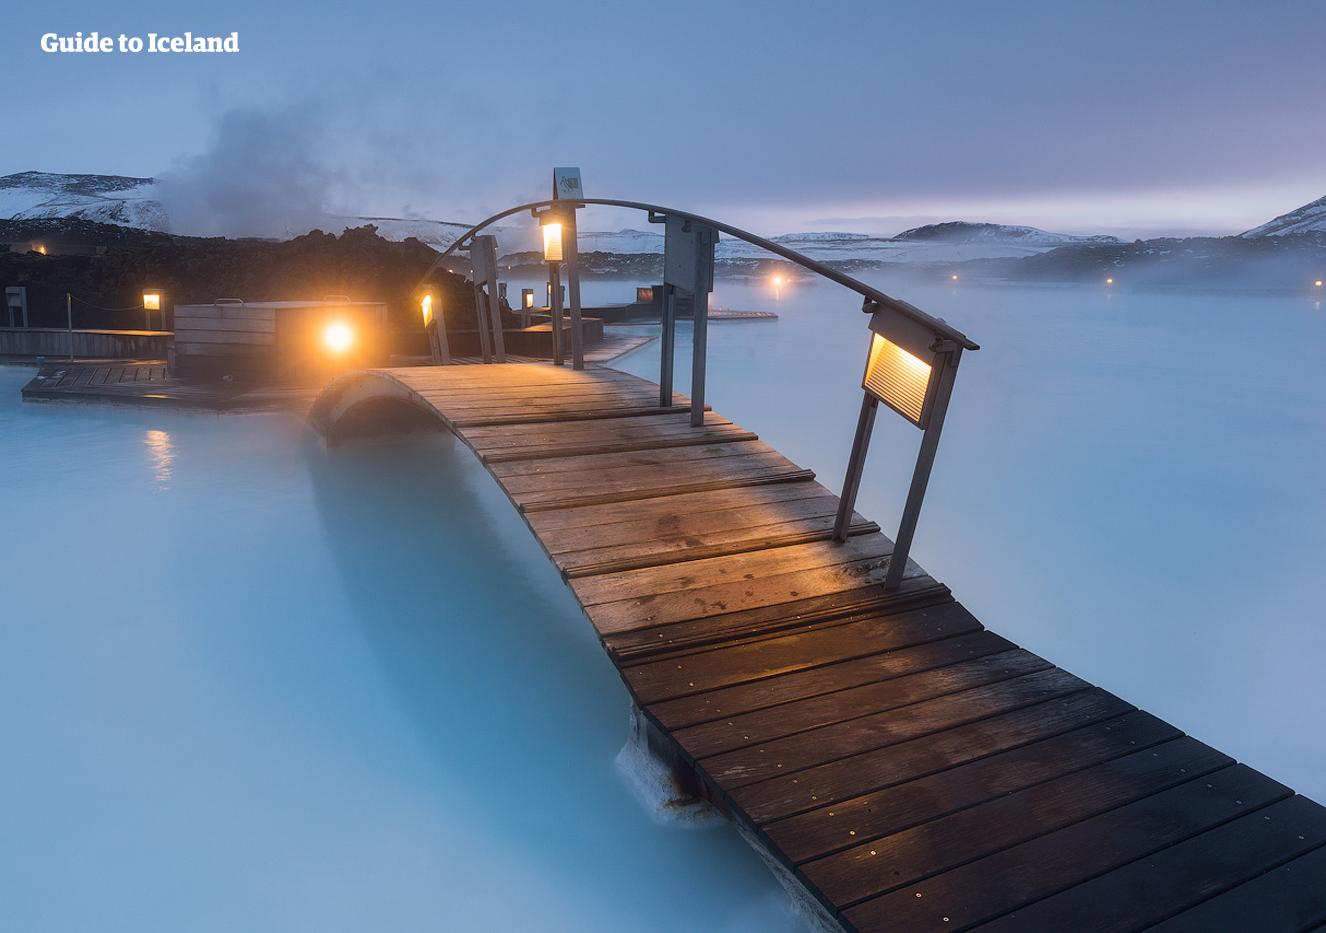 Zwiedzanie geotermalnego spa Blue Lagoon to najlepszy sposób na zakończenie przygody w Islandii.